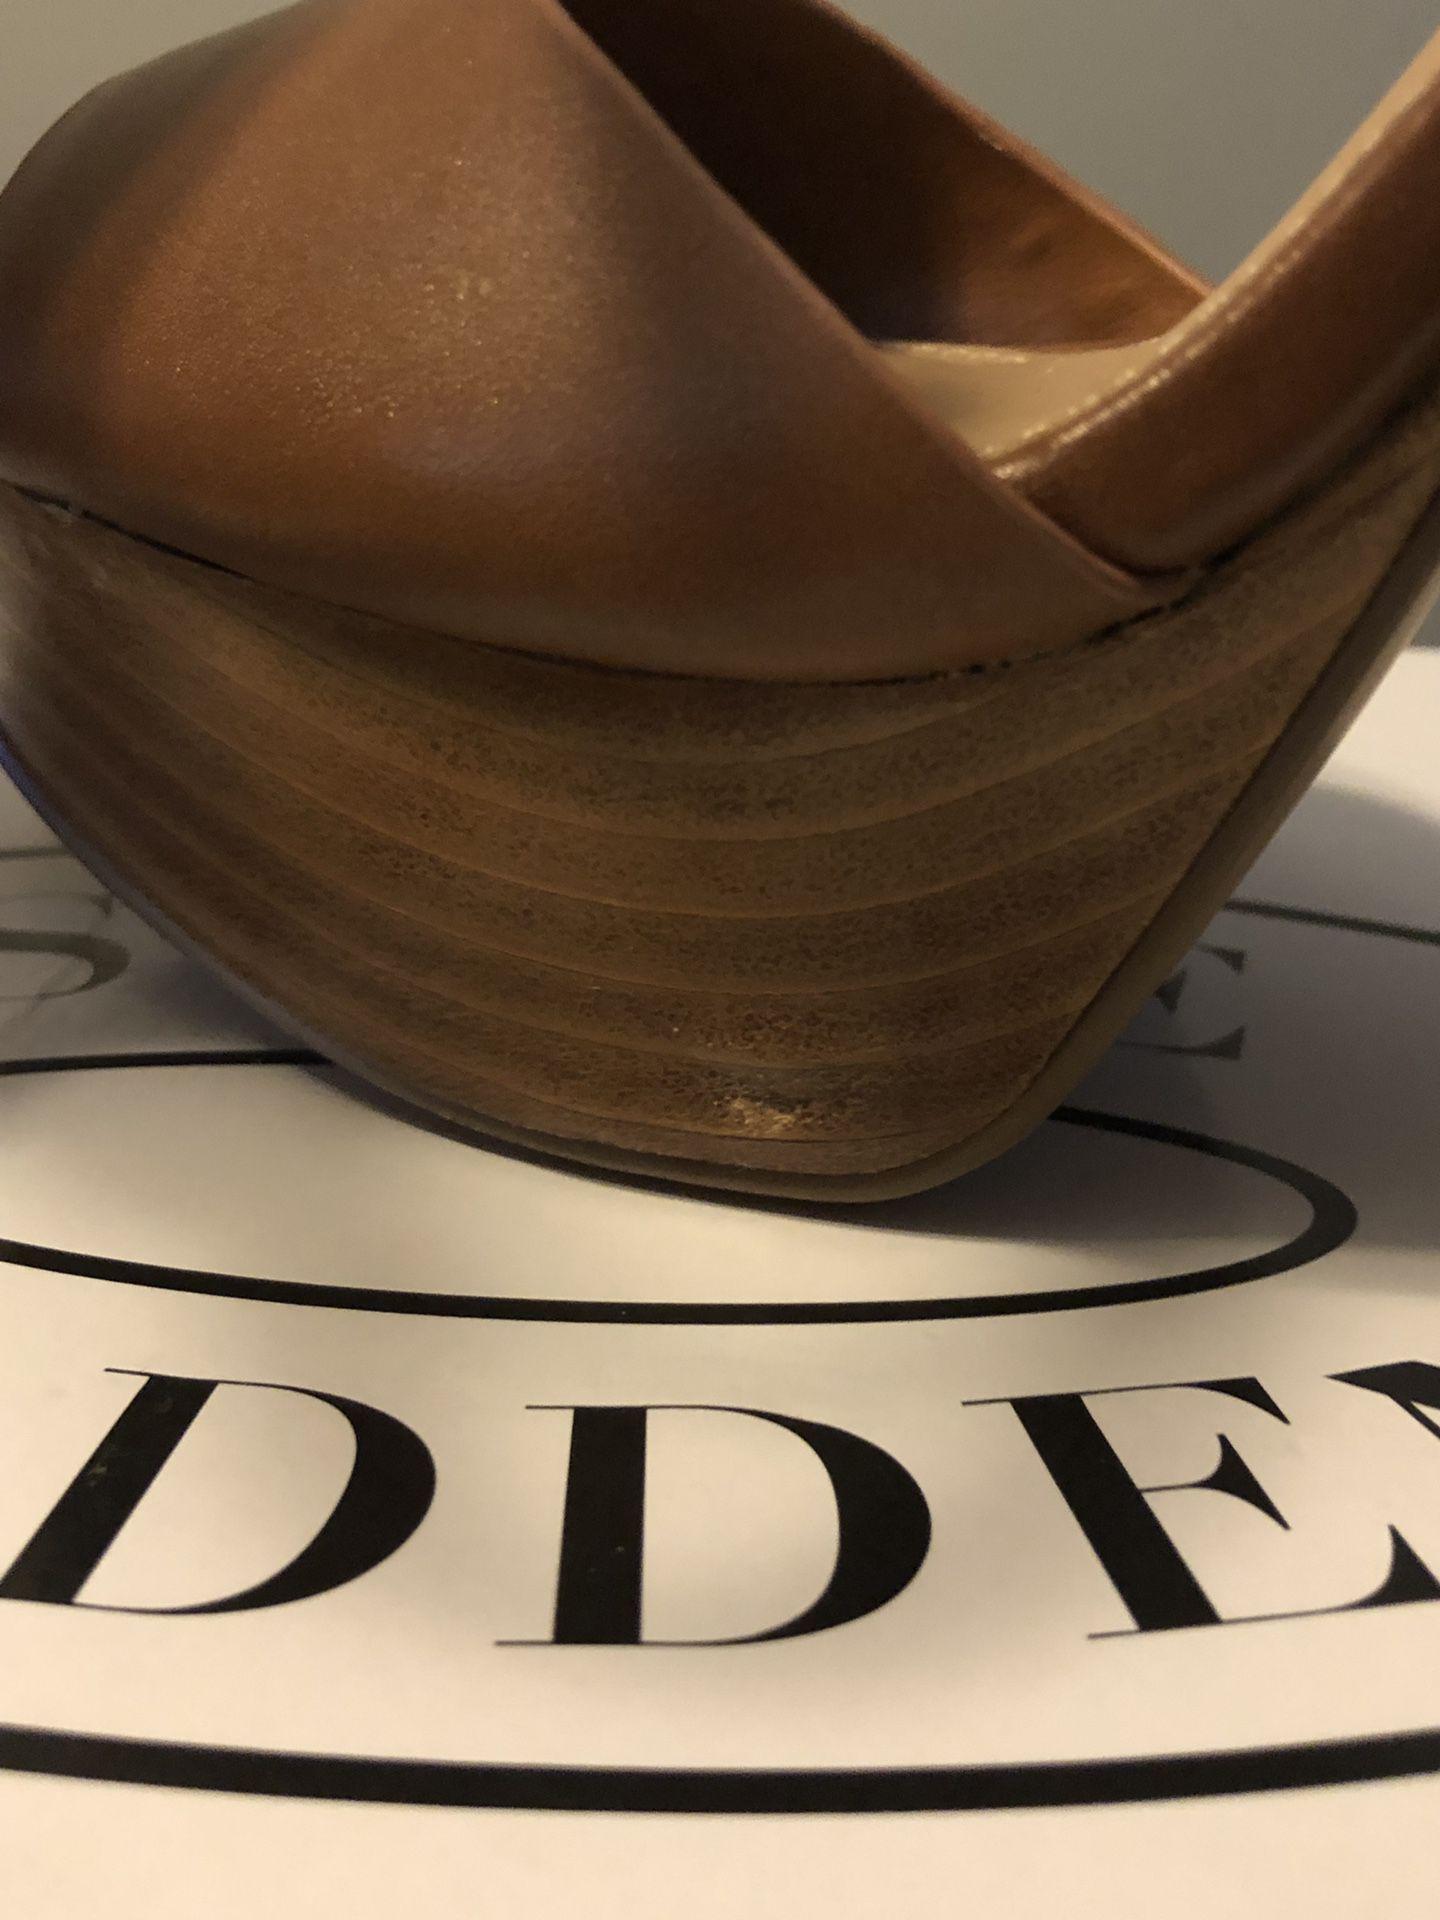 Steve Madden size 8.5